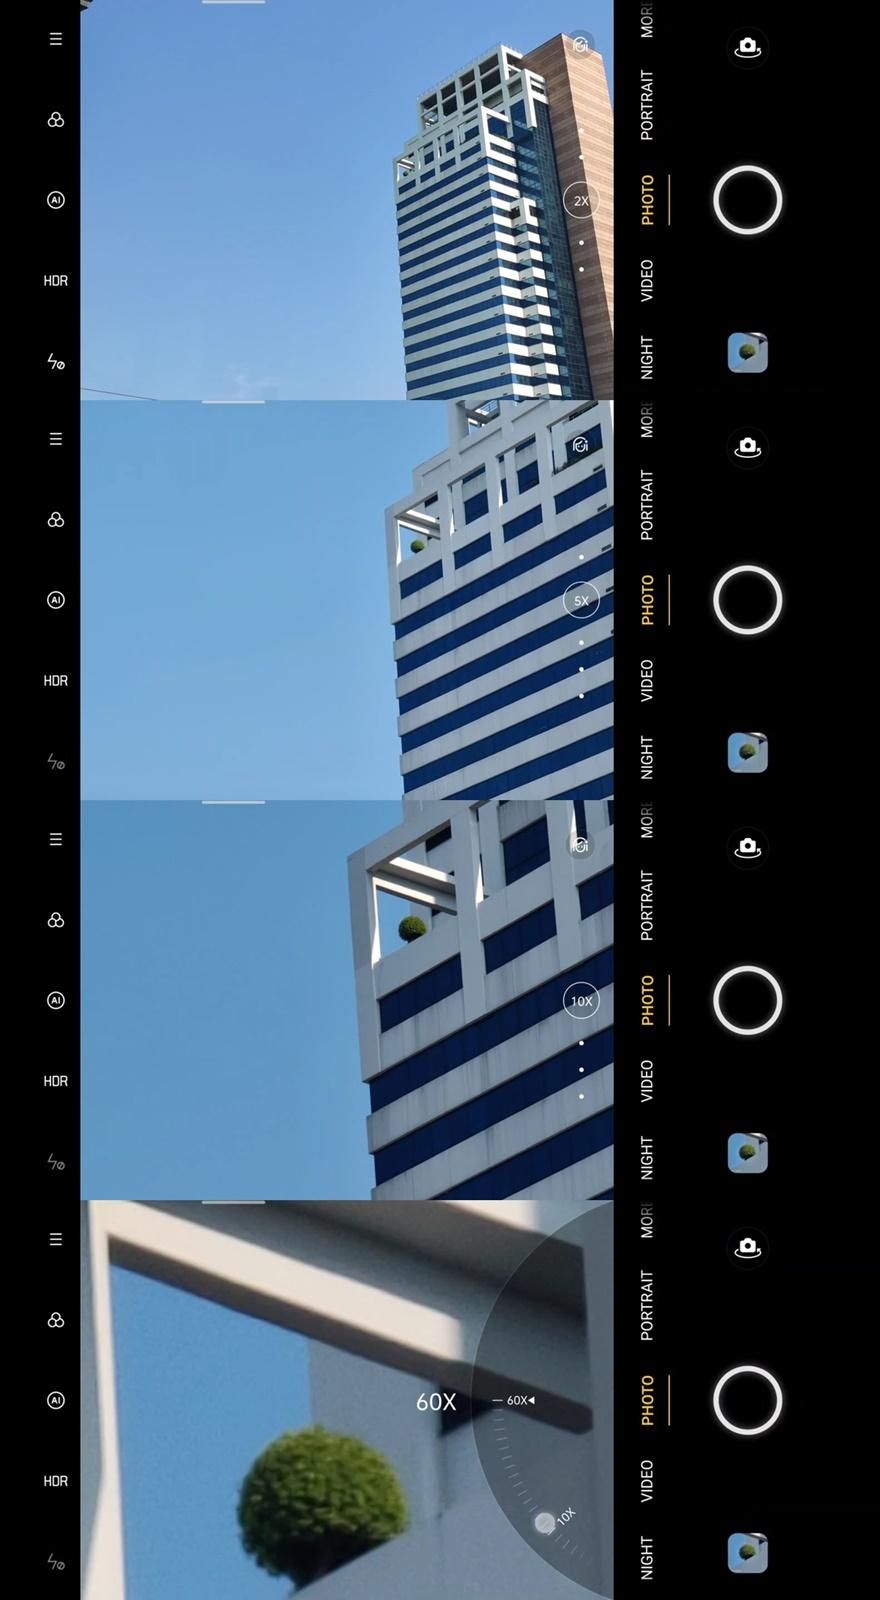 OPPO Find X2 Pro 5G Zoom